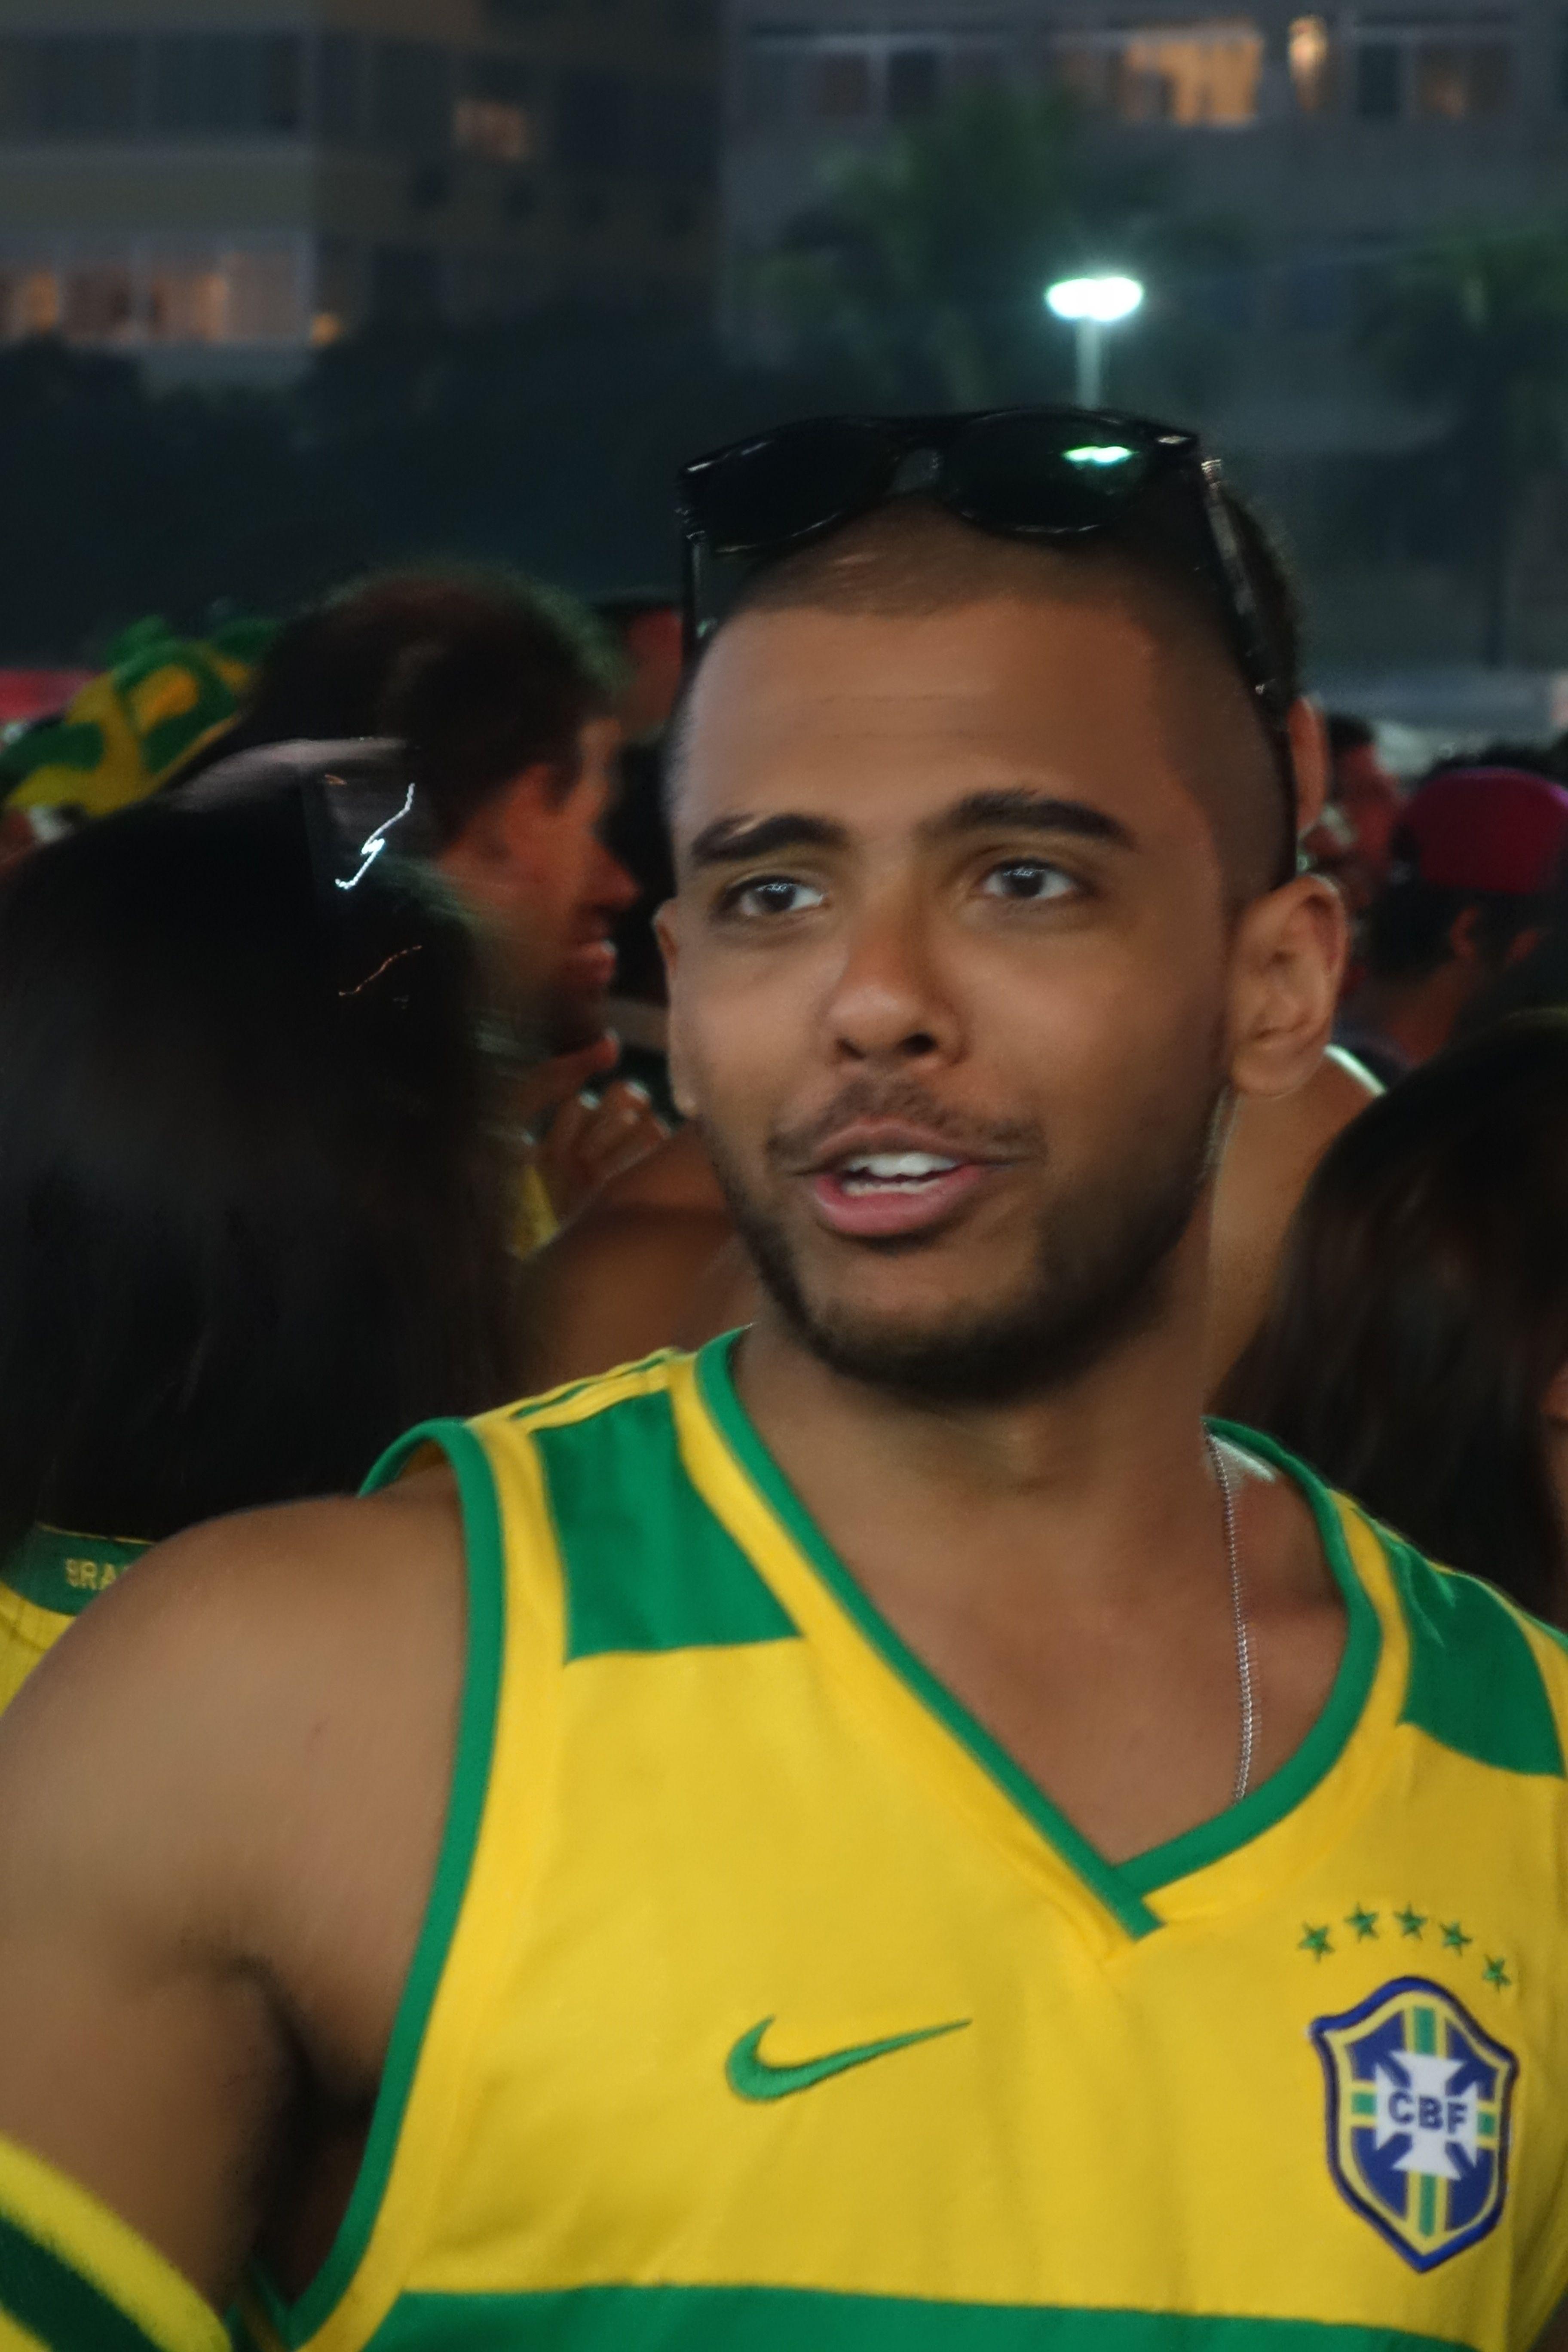 Coupe du Monde de football: Du cote de Rio de Janeiro et de la plage de Copacabana...ciel mon mari!!! lol. Pas mal non?